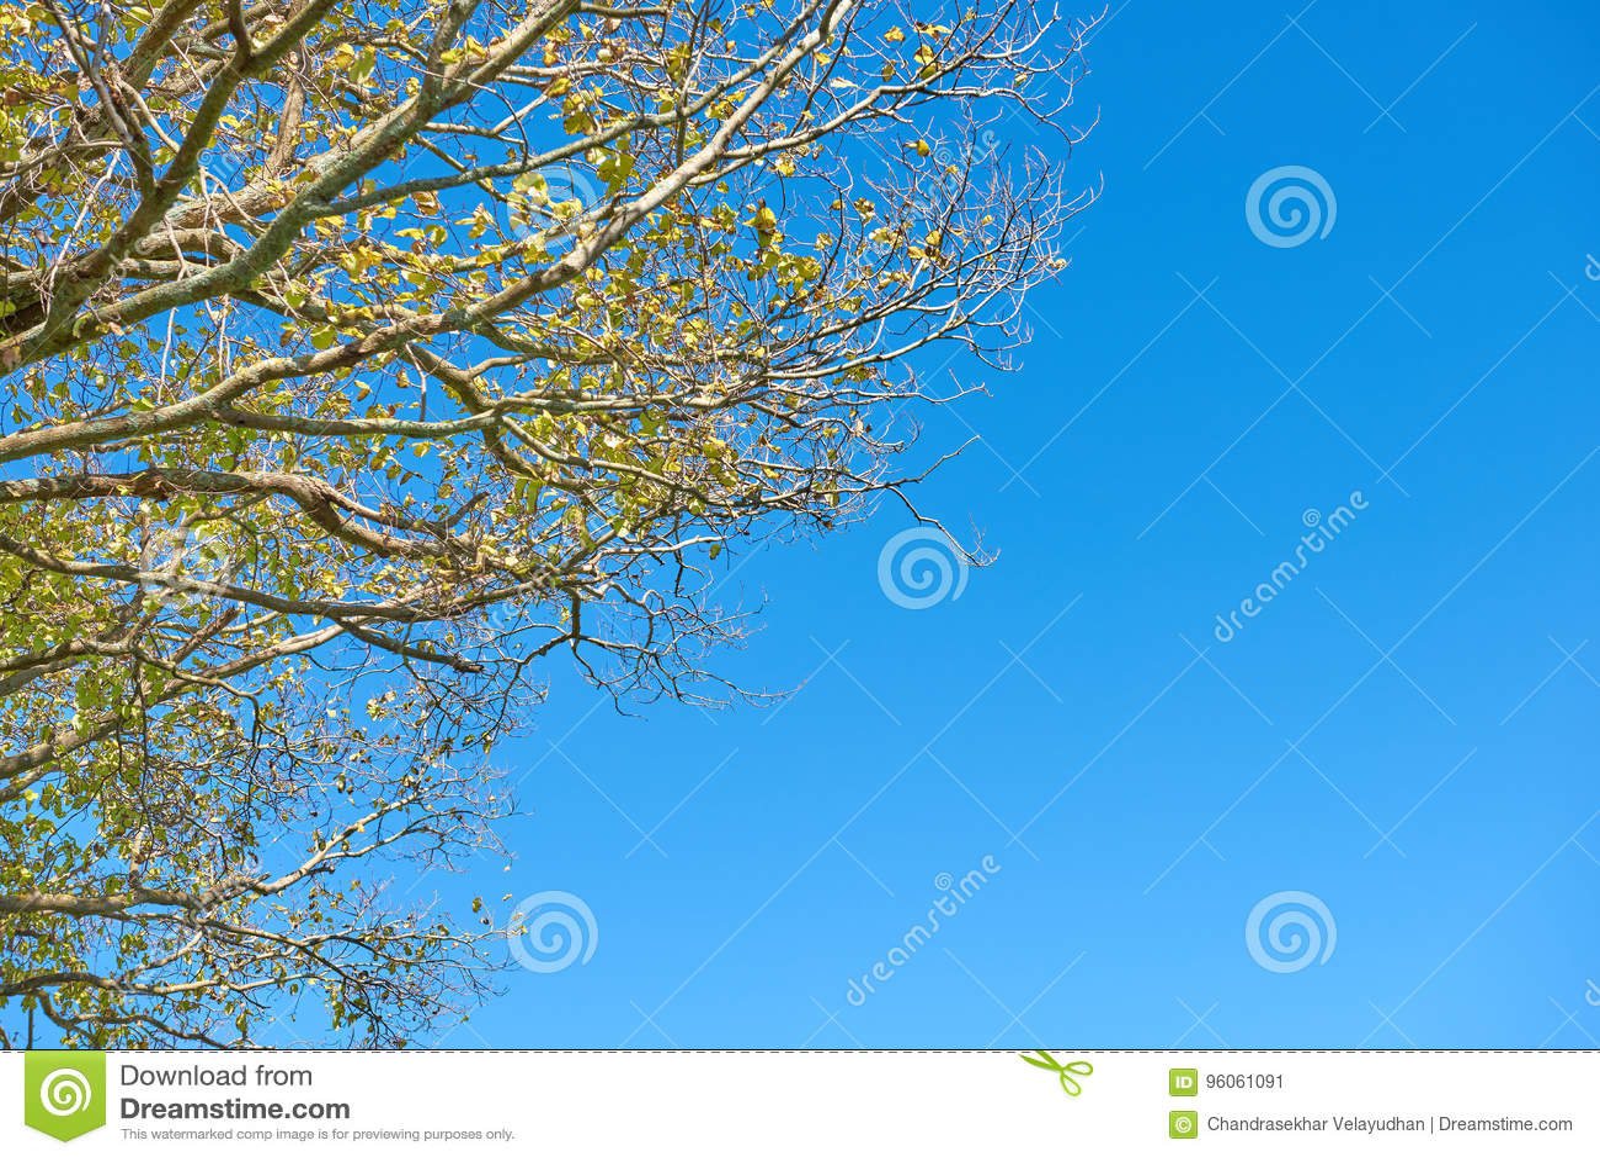 Feuillage des arbres contre un ciel bleu lumineux